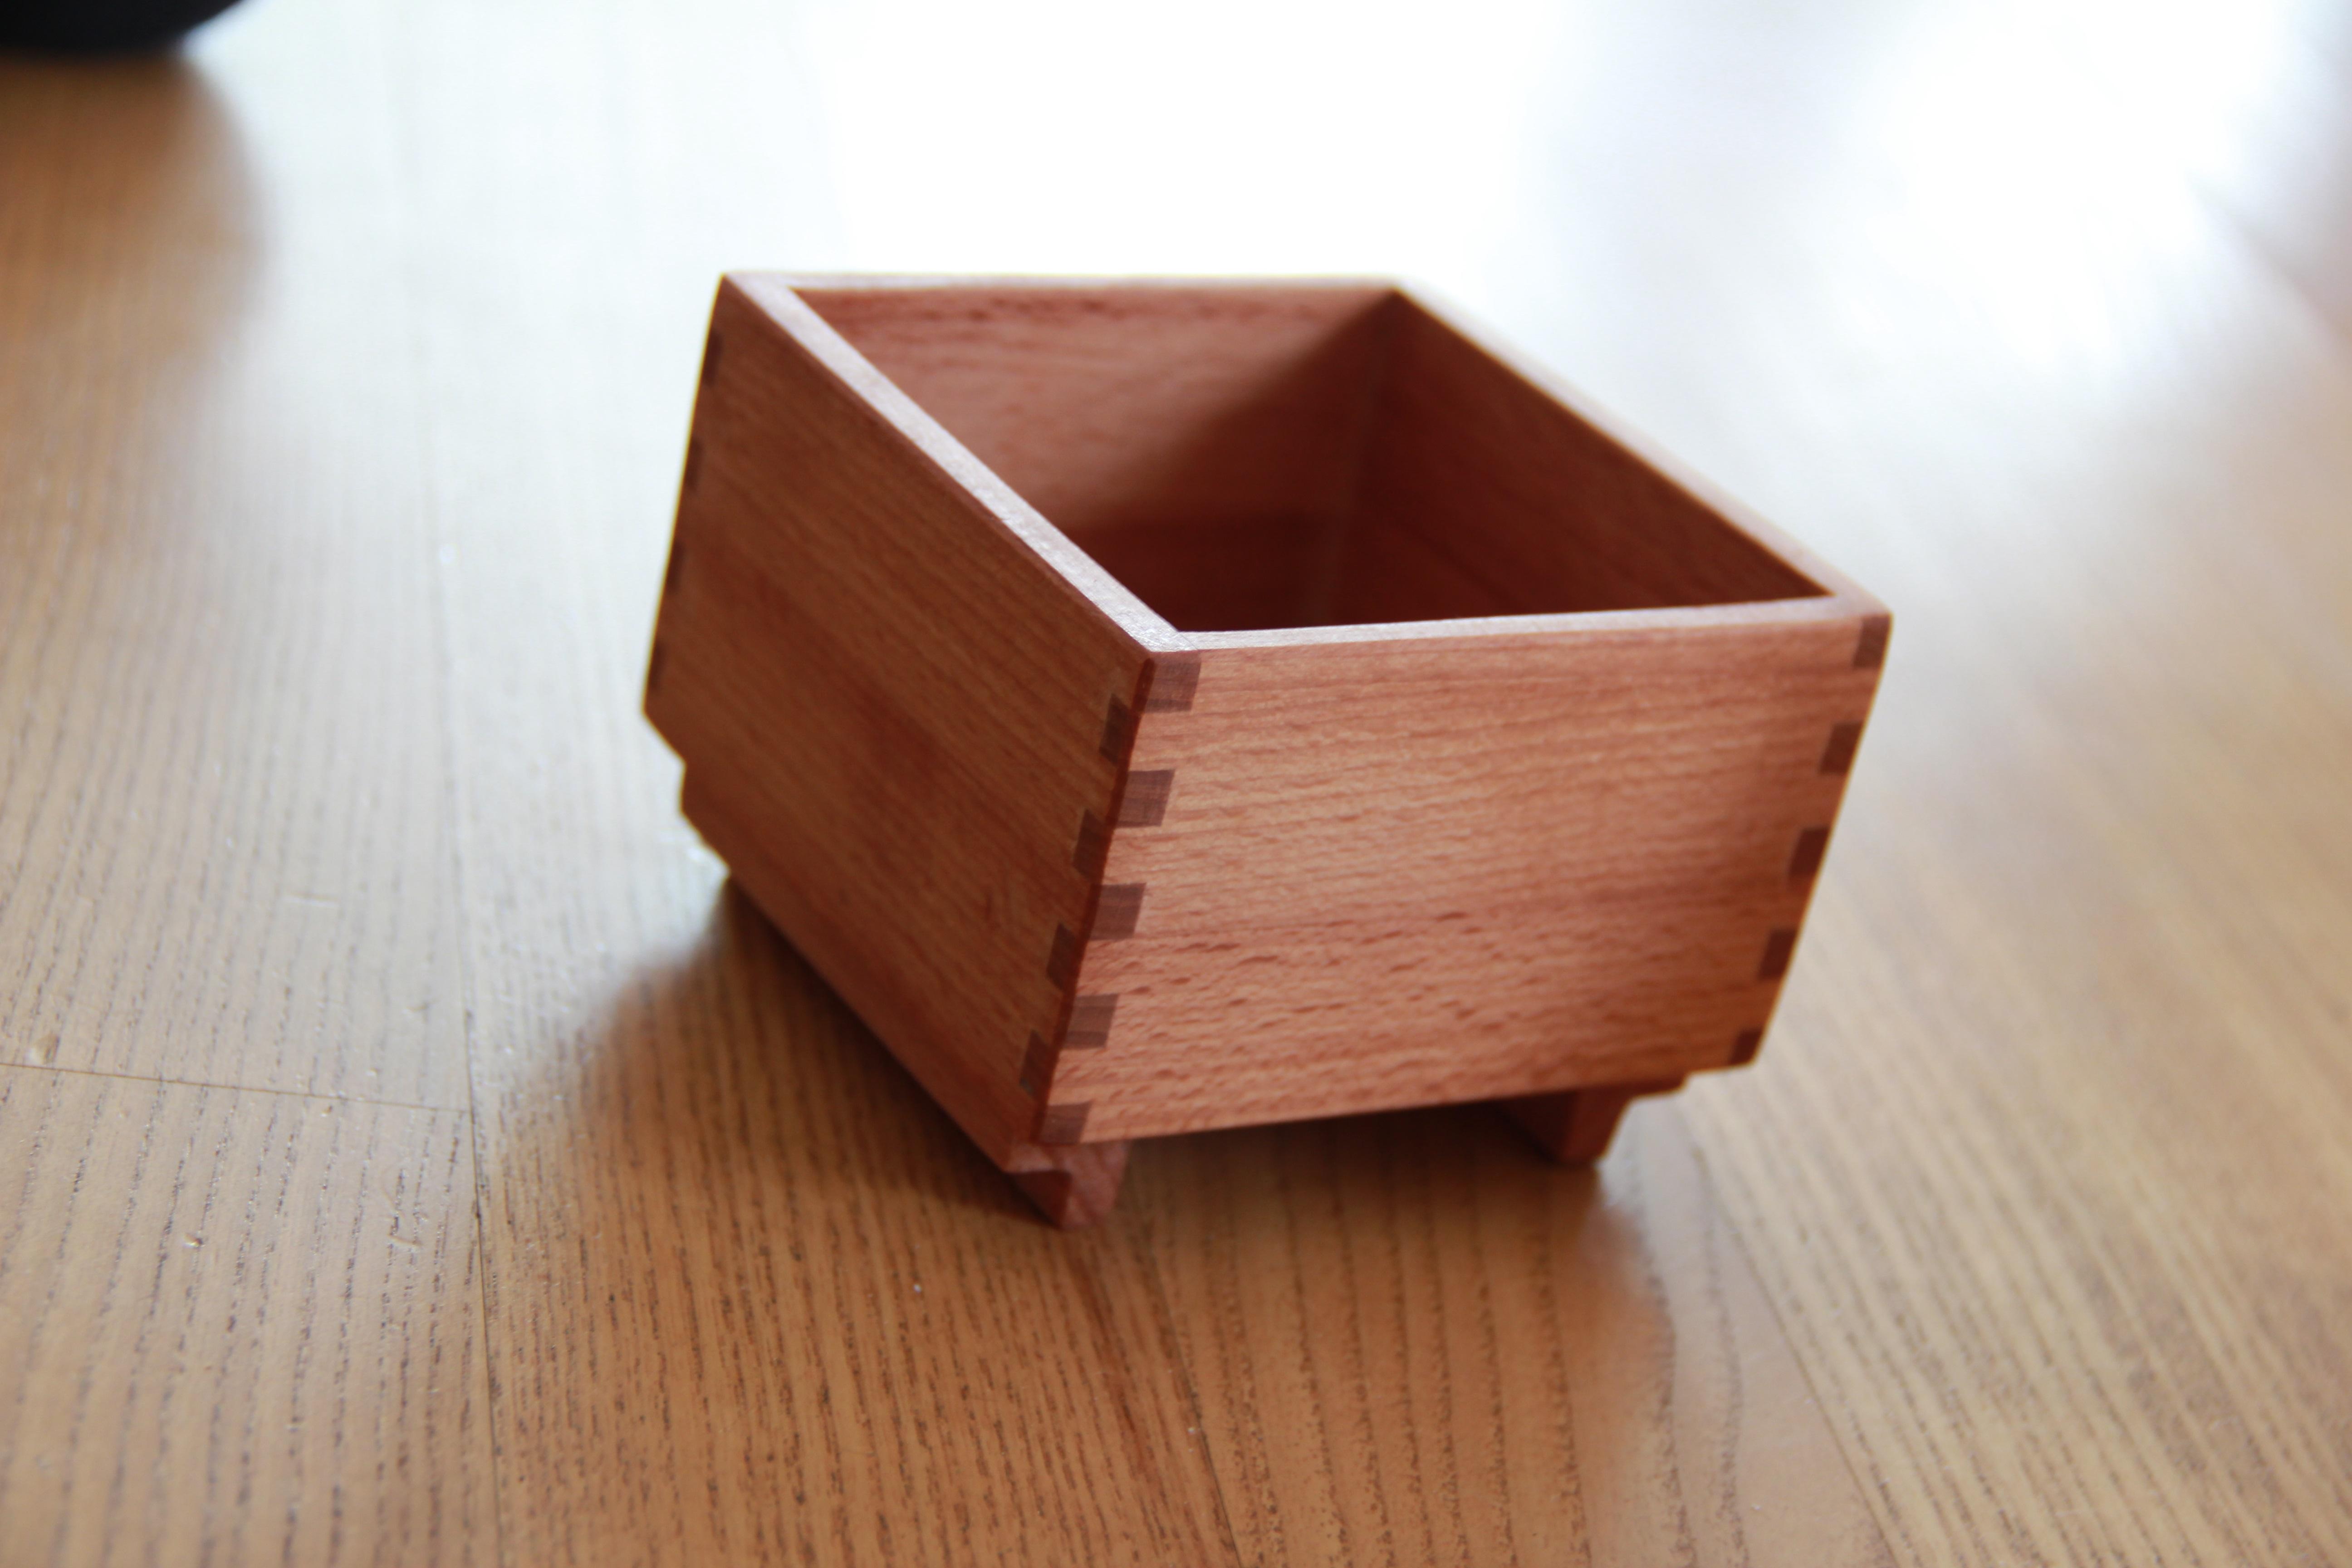 Holzkiste mit Zinkenverbindung